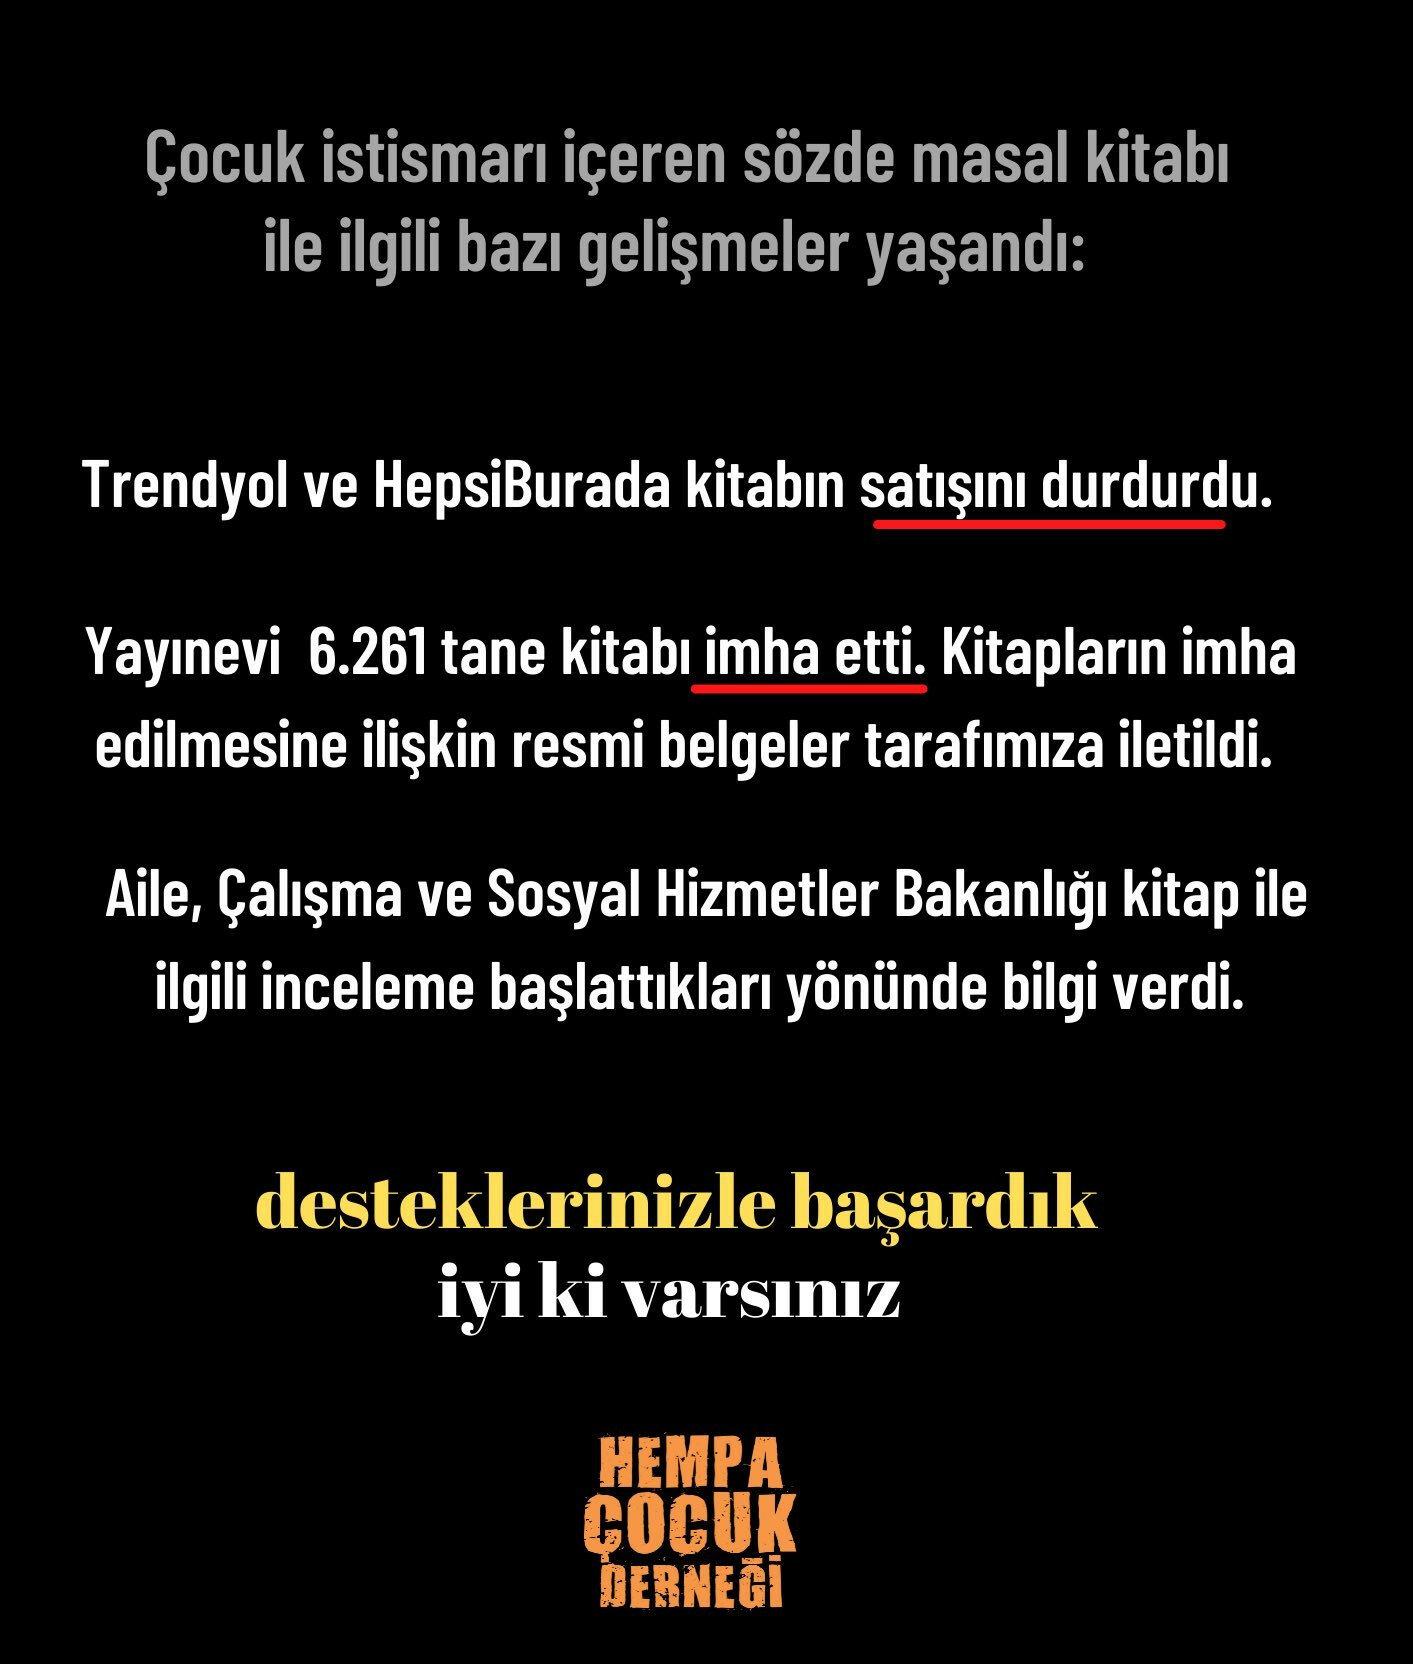 Onlar Ermiş Muradına - En Güzel Türk Masalları kitabında skandal: Baba kızına göz koydu, ensest ilişki meşru gösterildi!